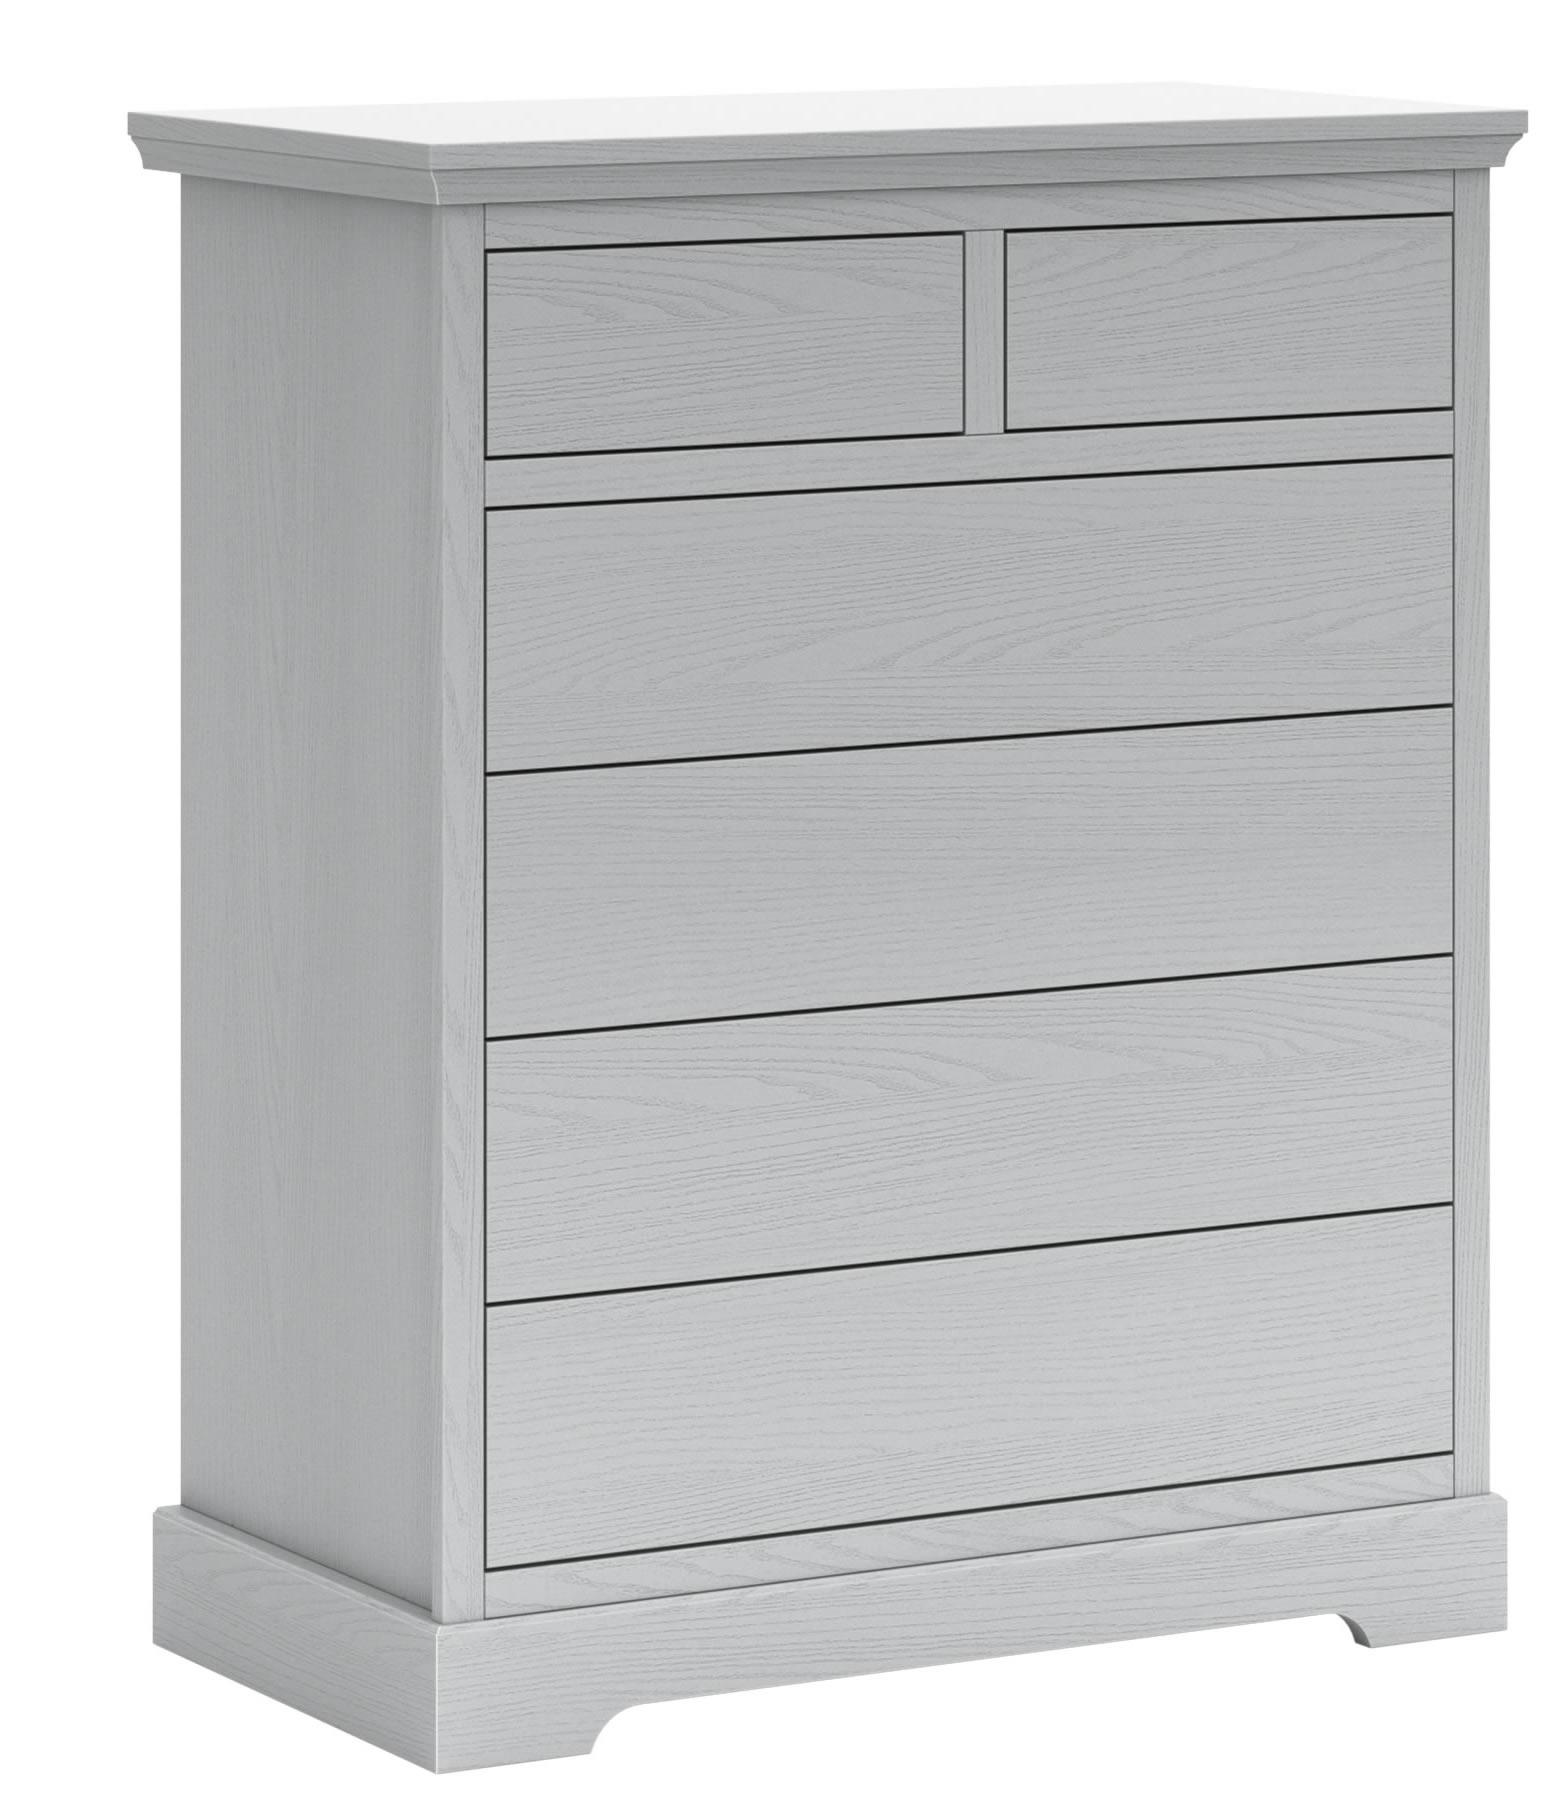 4 + 2 drawer